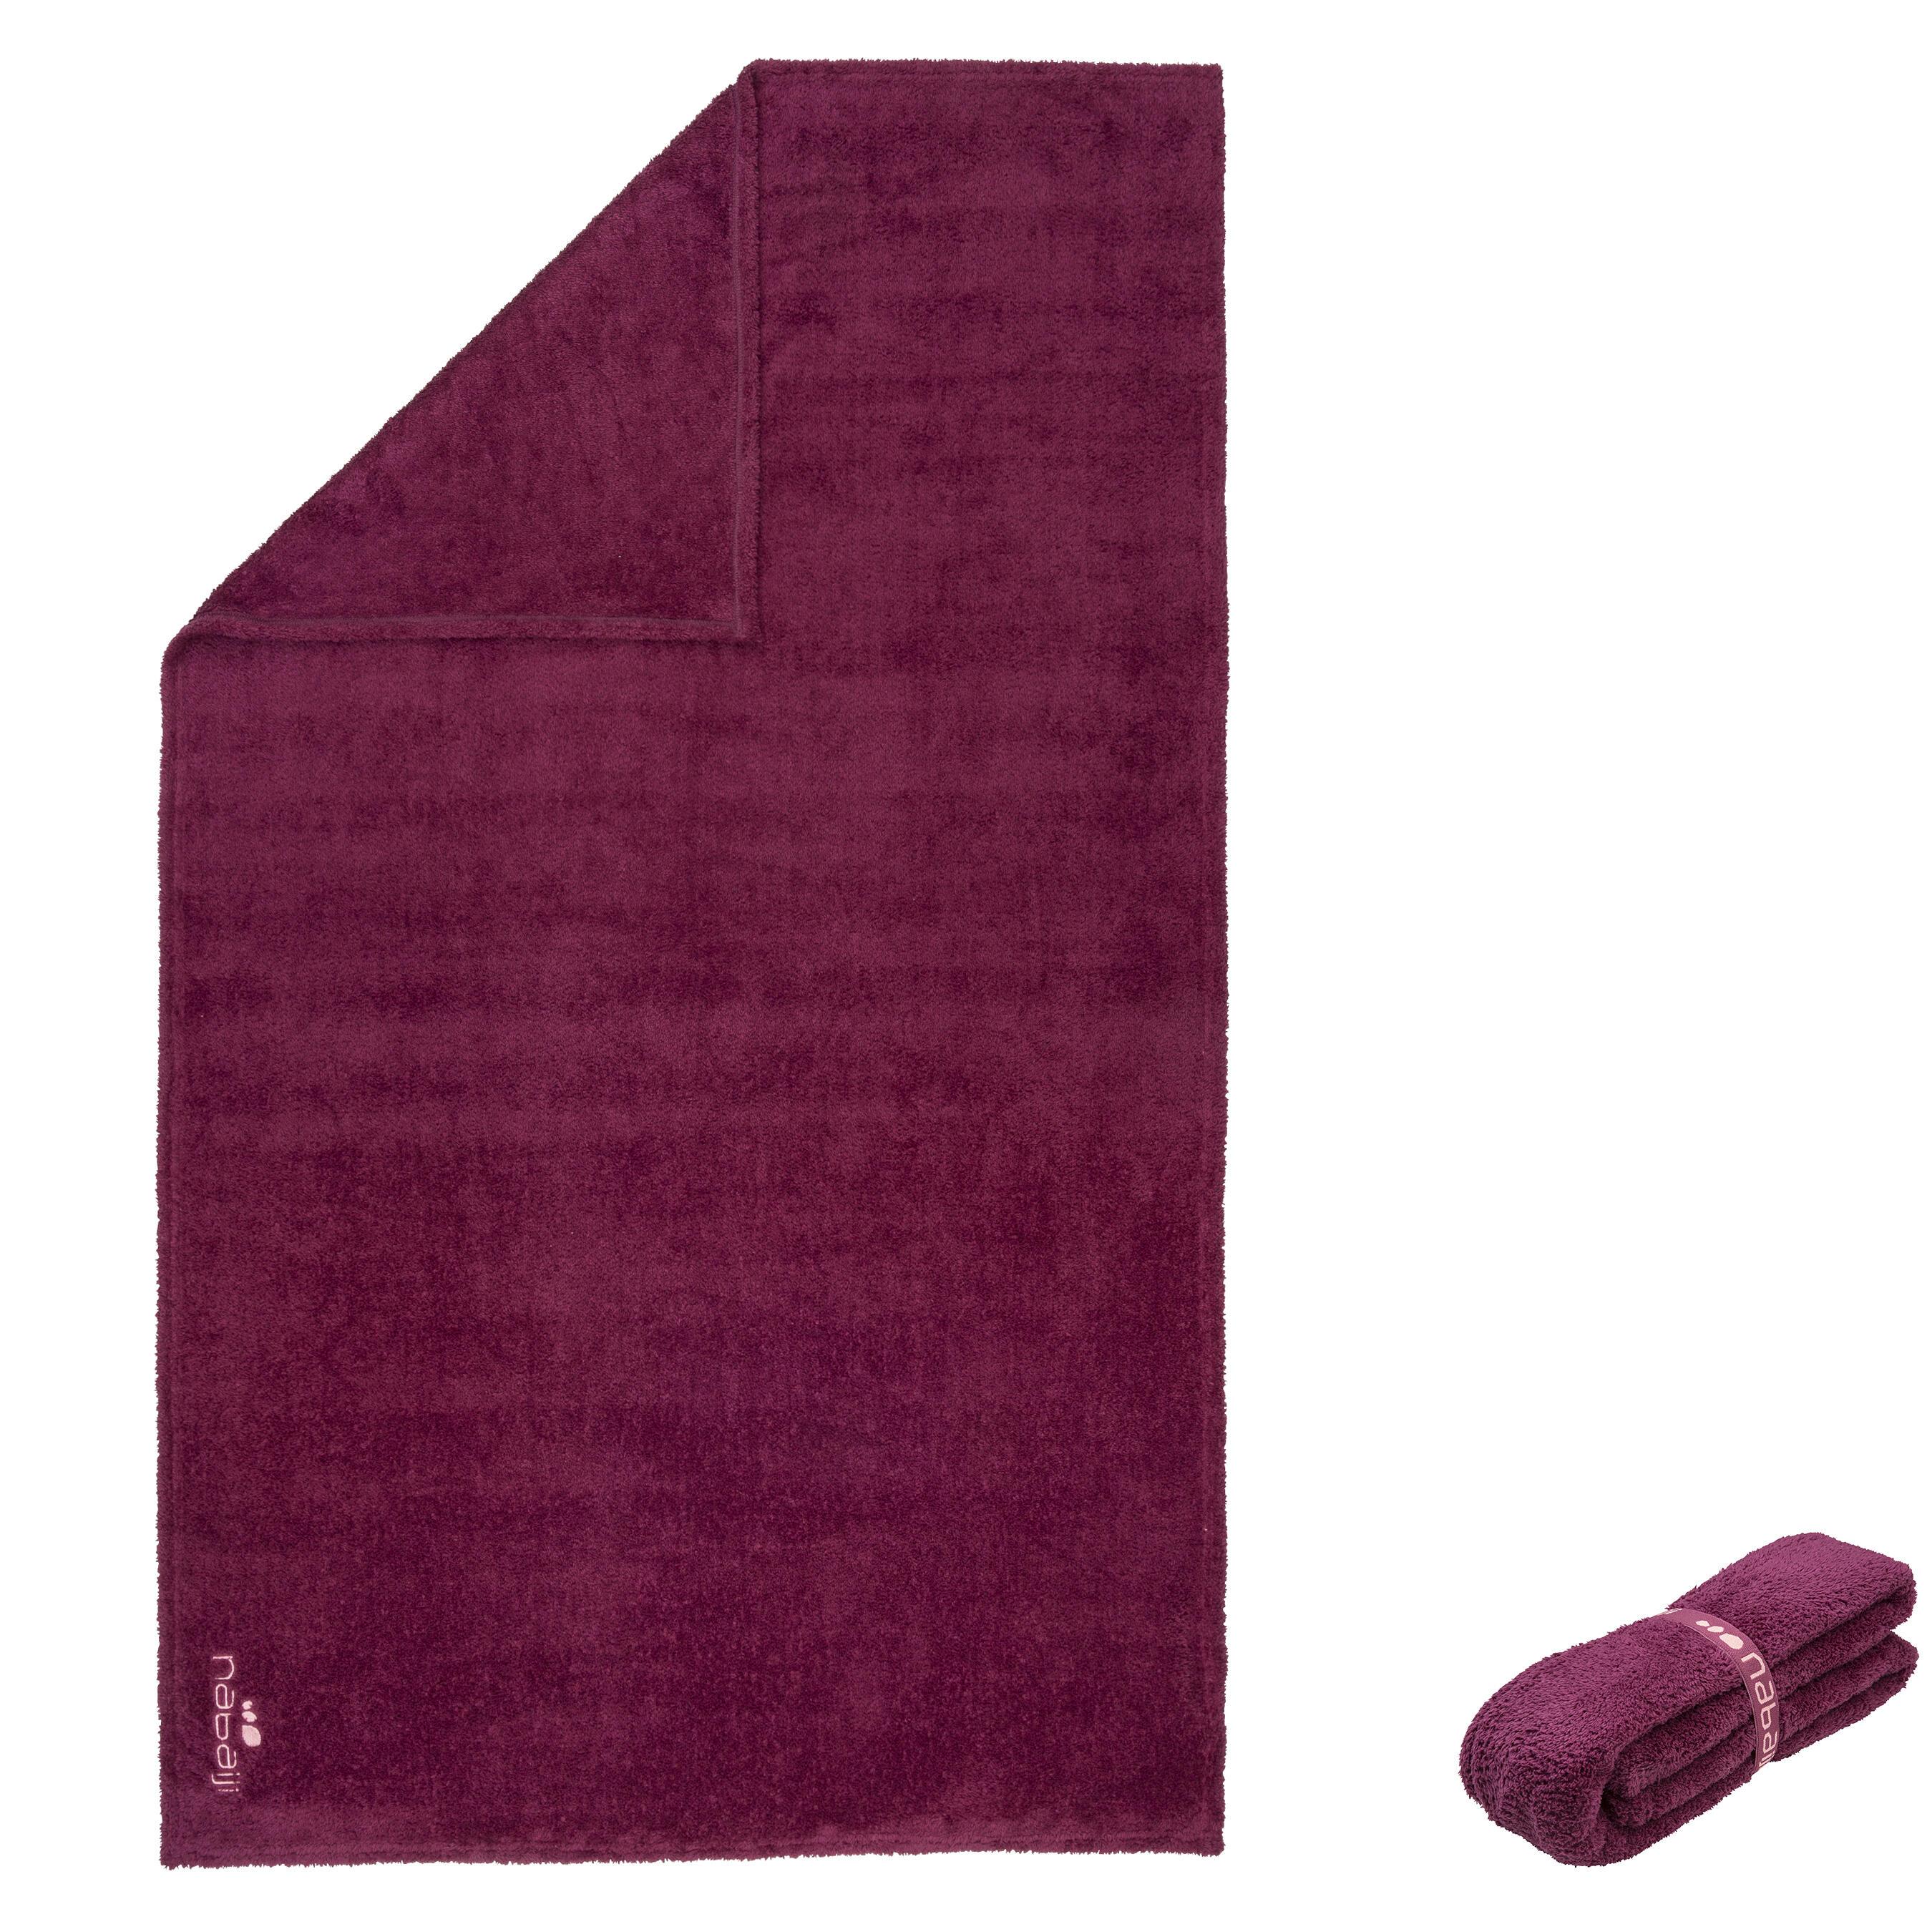 Nabaiji Zeer zachte microvezel handdoek, fluoroze, maat L, 80 x 130 cm